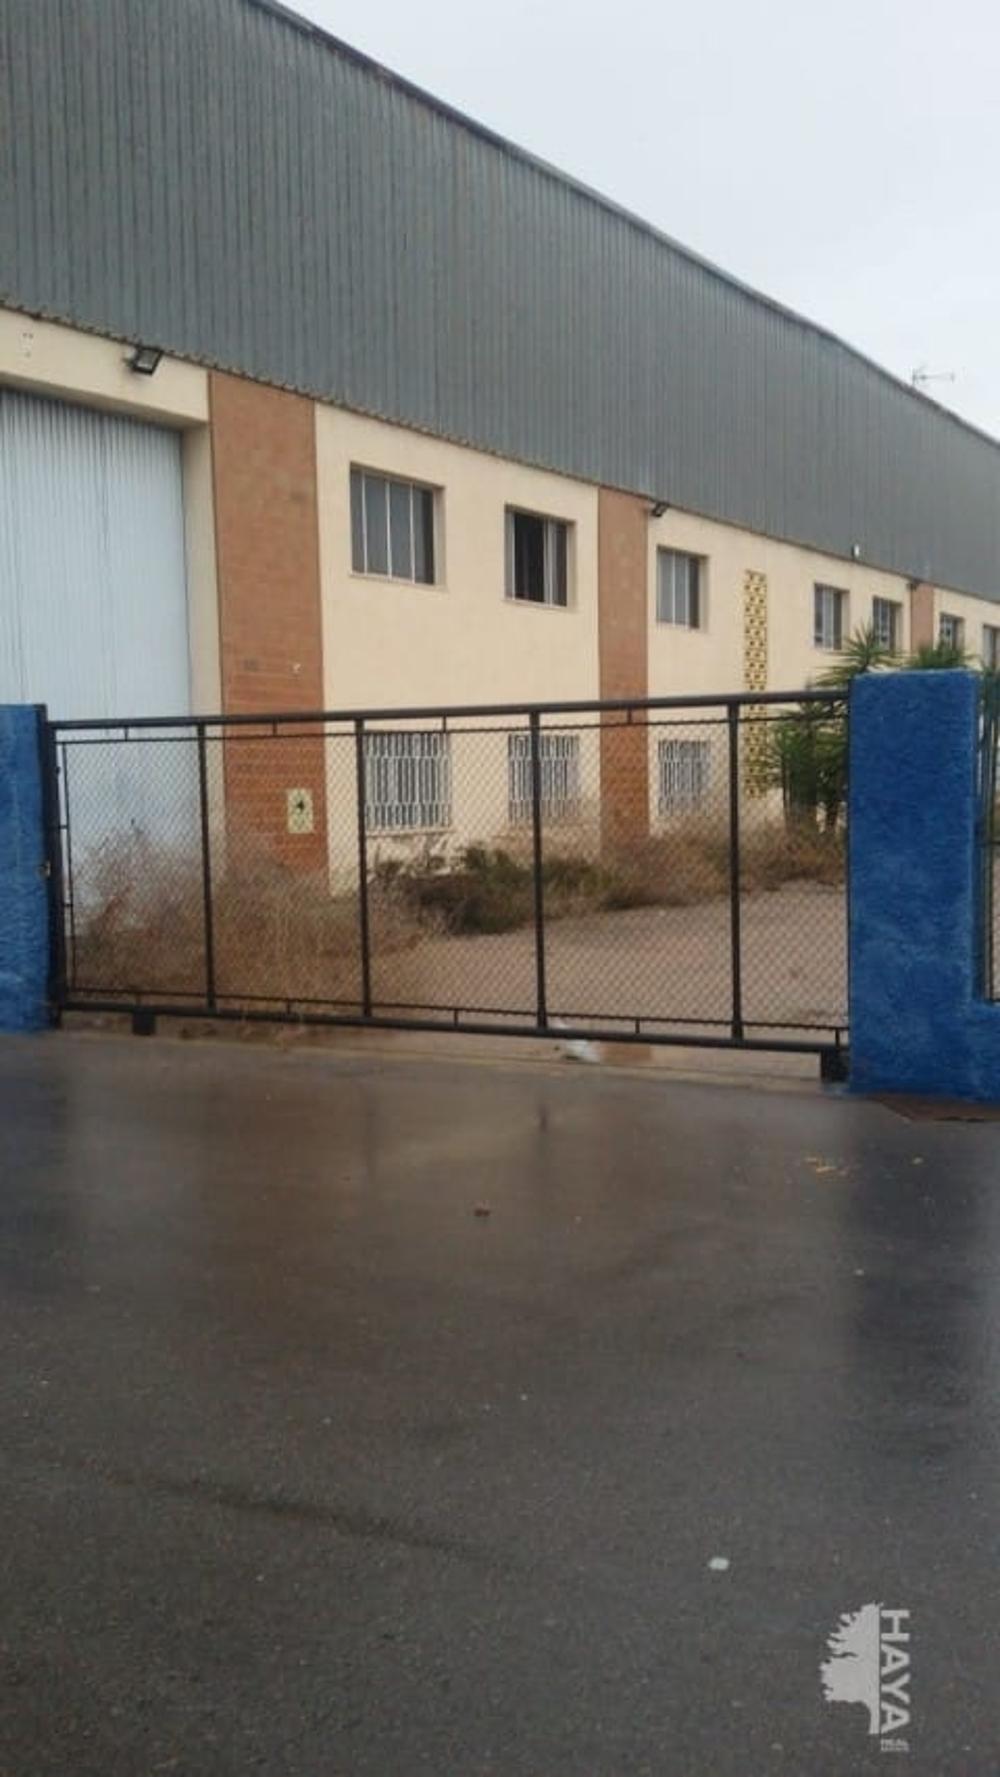 castellón oeste 12006 castellón industrial unit foto 3796603